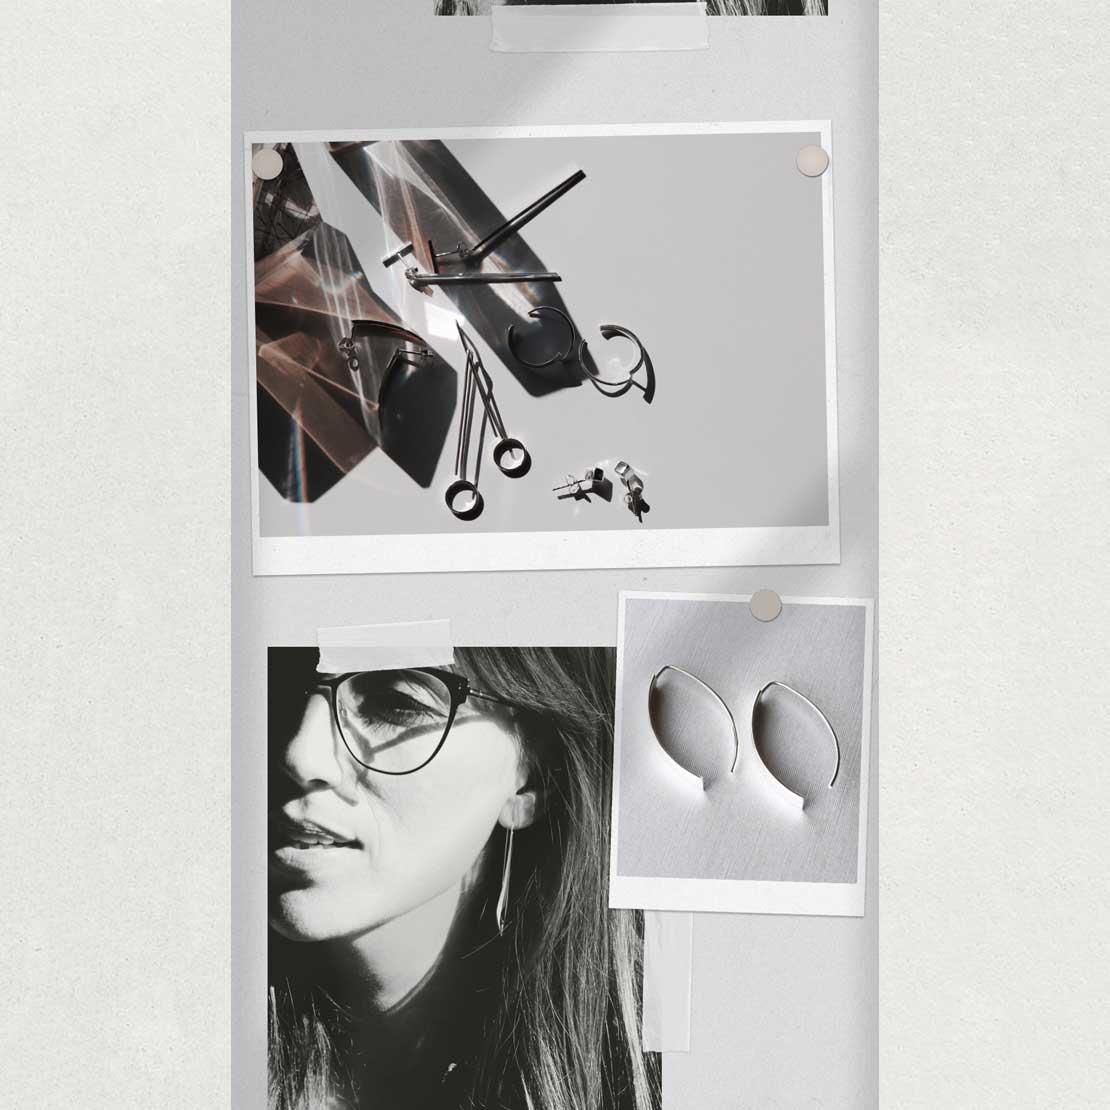 minimalist-body-image-1-1110x1110